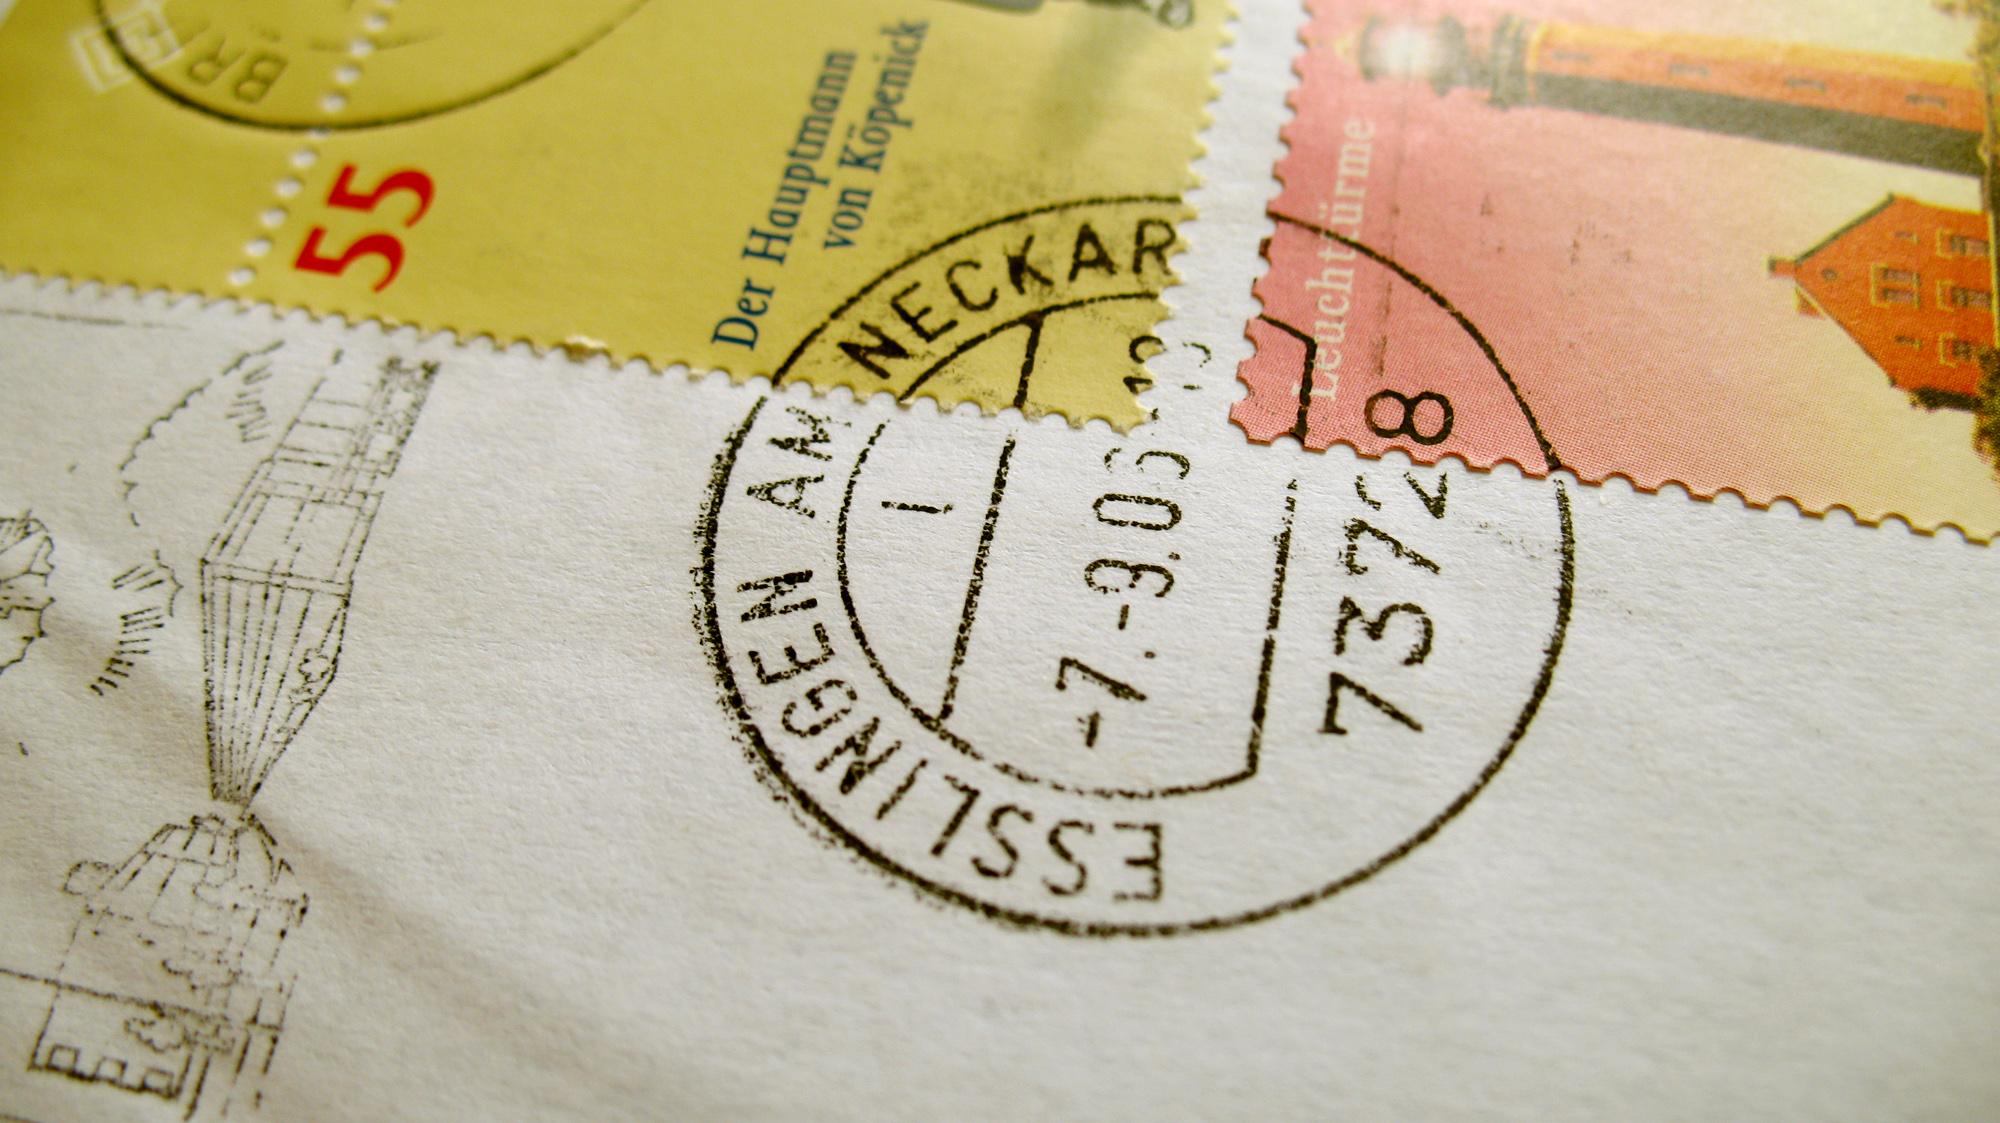 Das Bild zeigt einen Brief mit Poststempel. Foto von Julian Beger